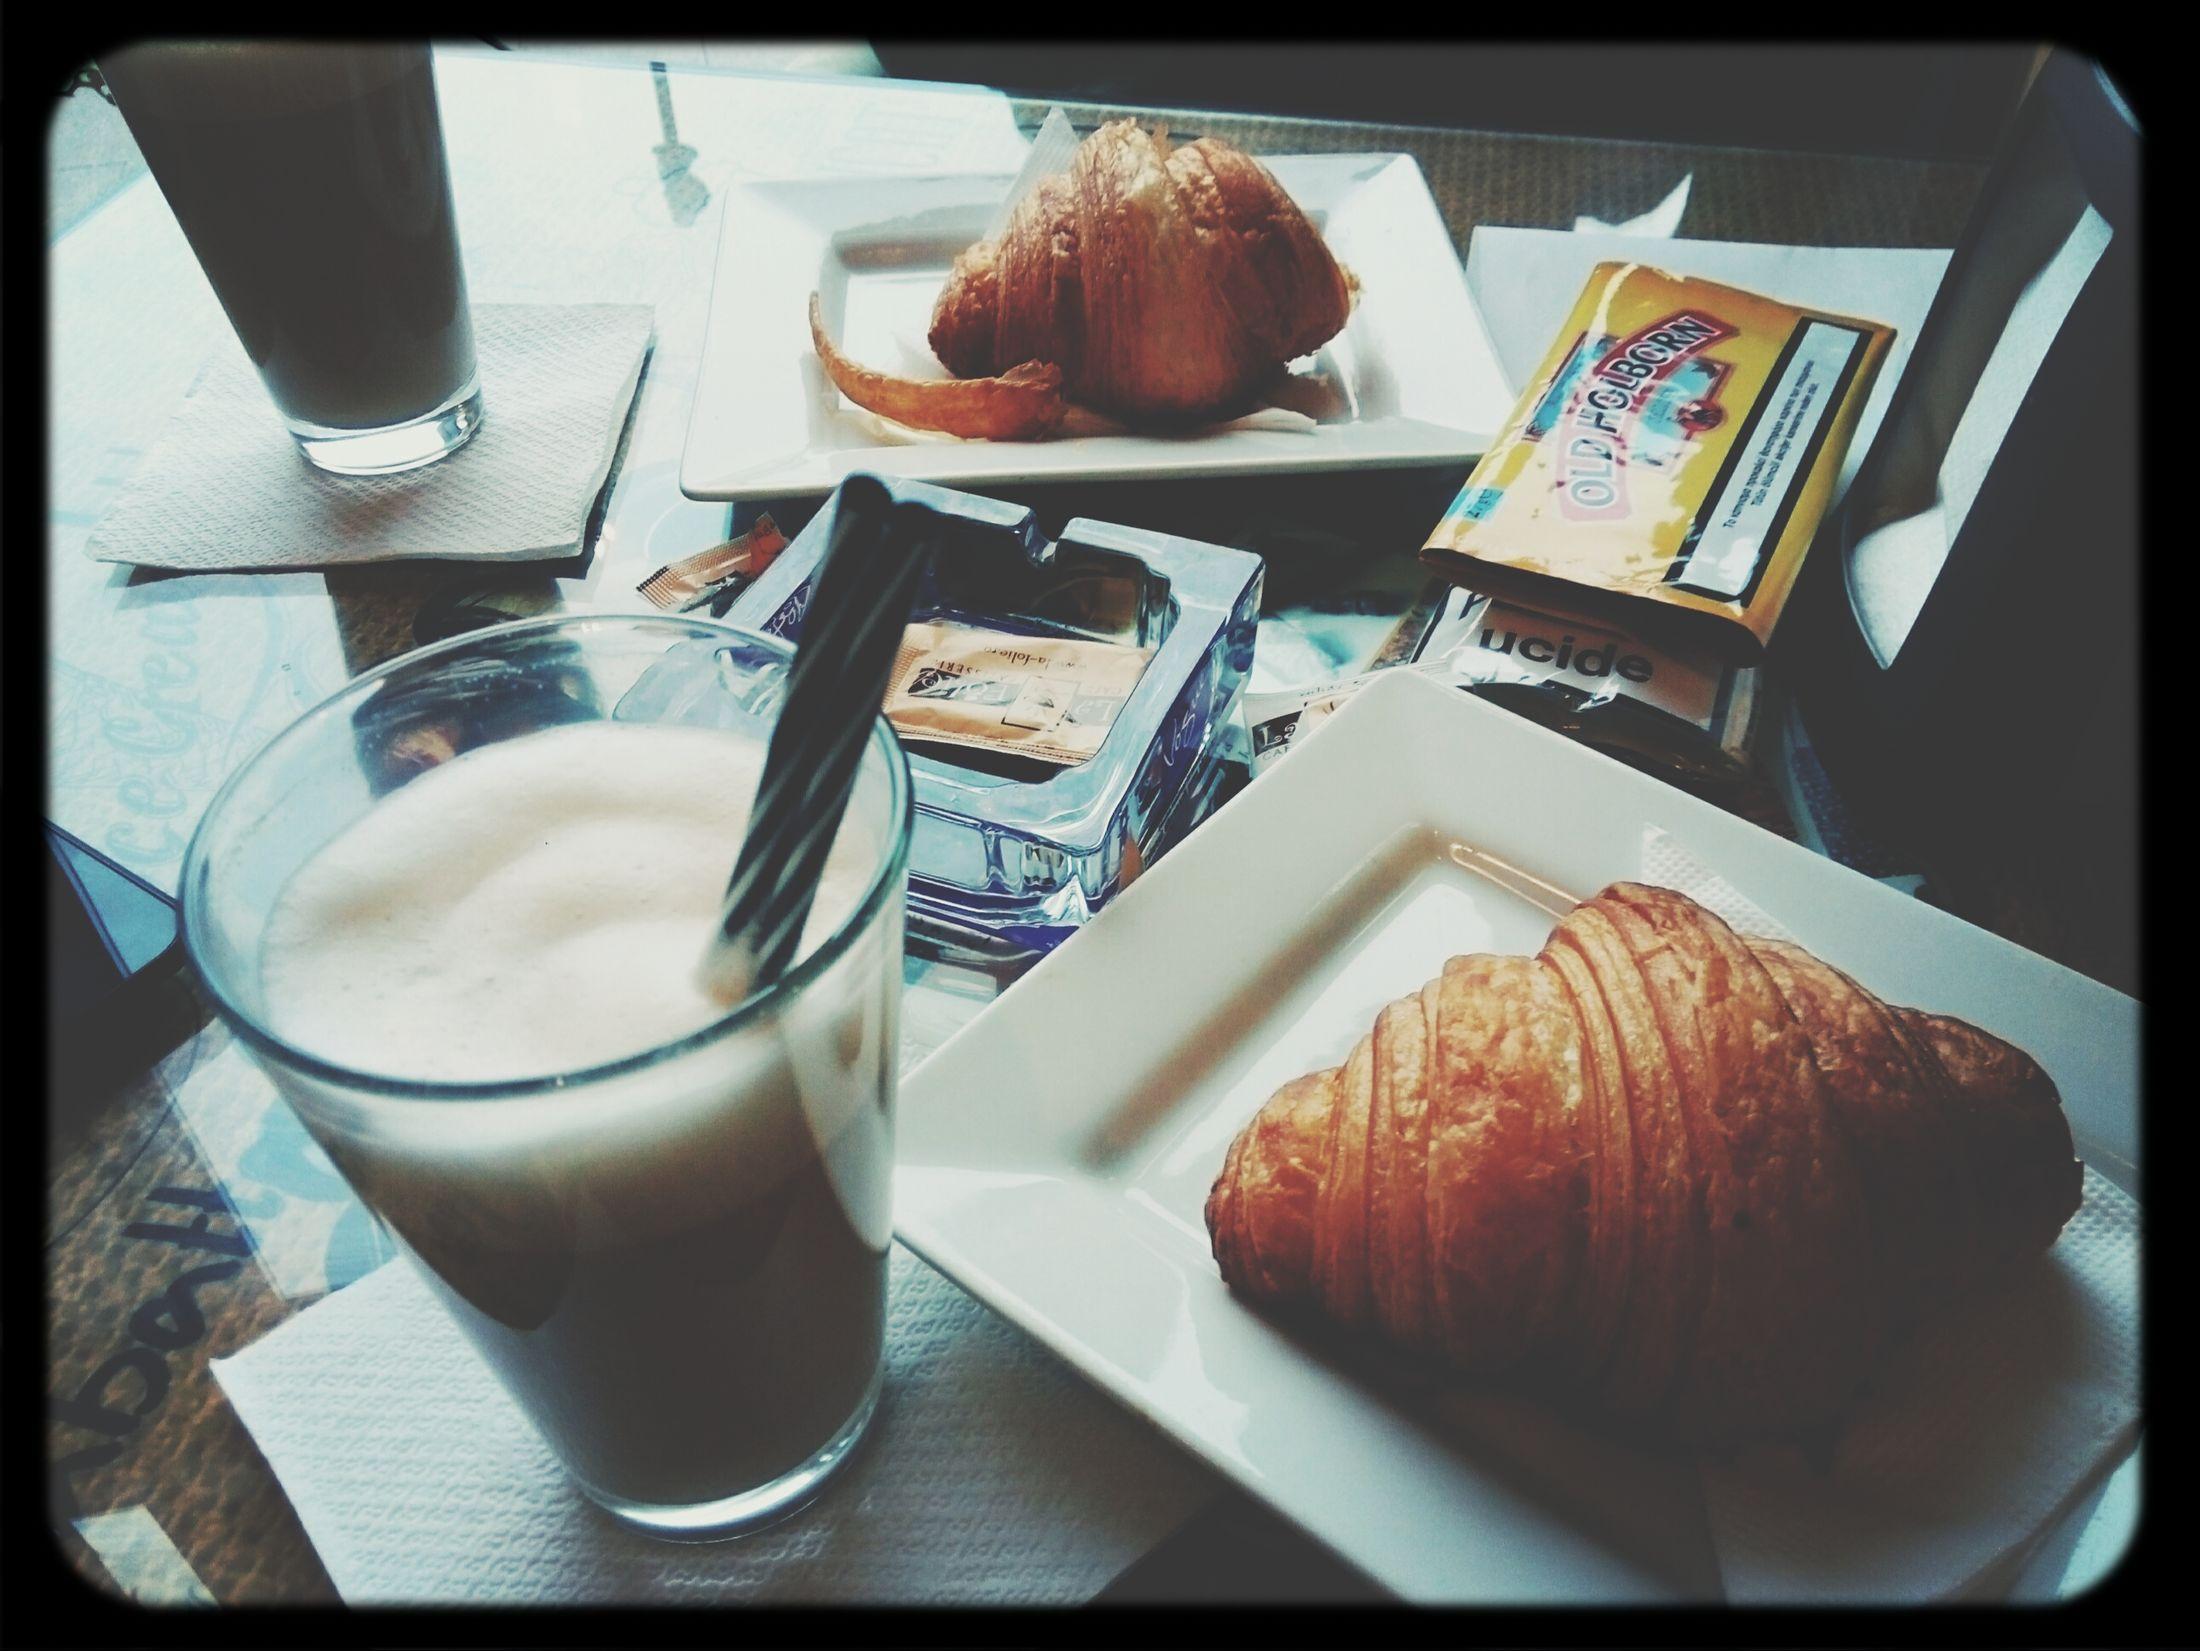 Latte Macchiato Croissant Tabacco  Fun With Friends